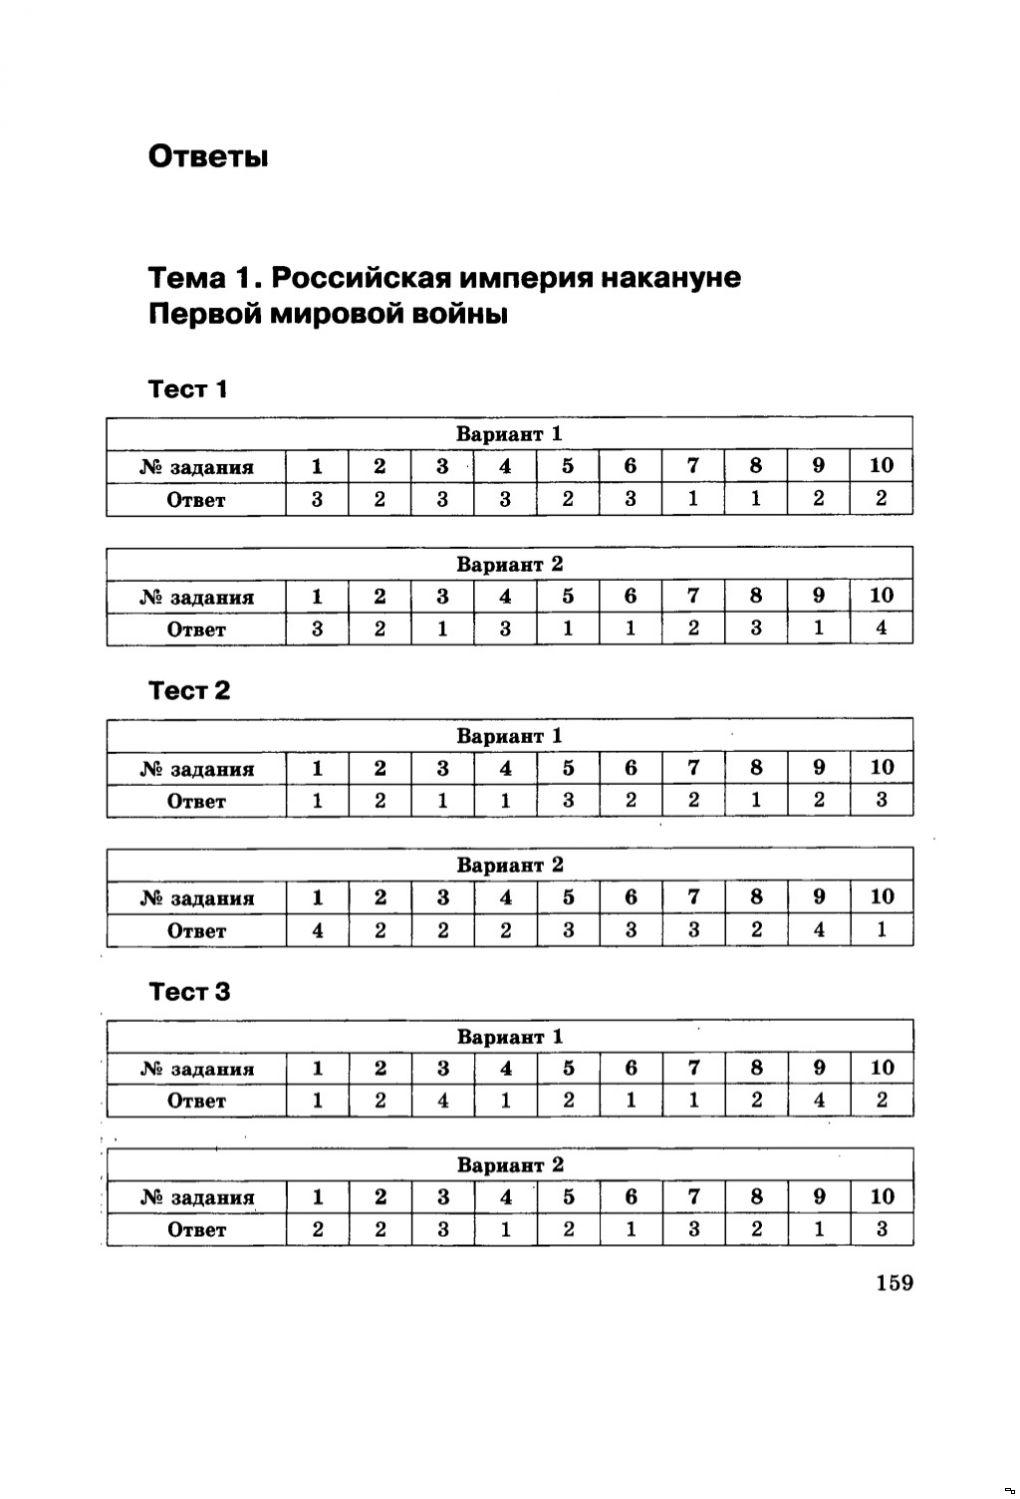 Контрольная по истории россии 11 класс с ответами